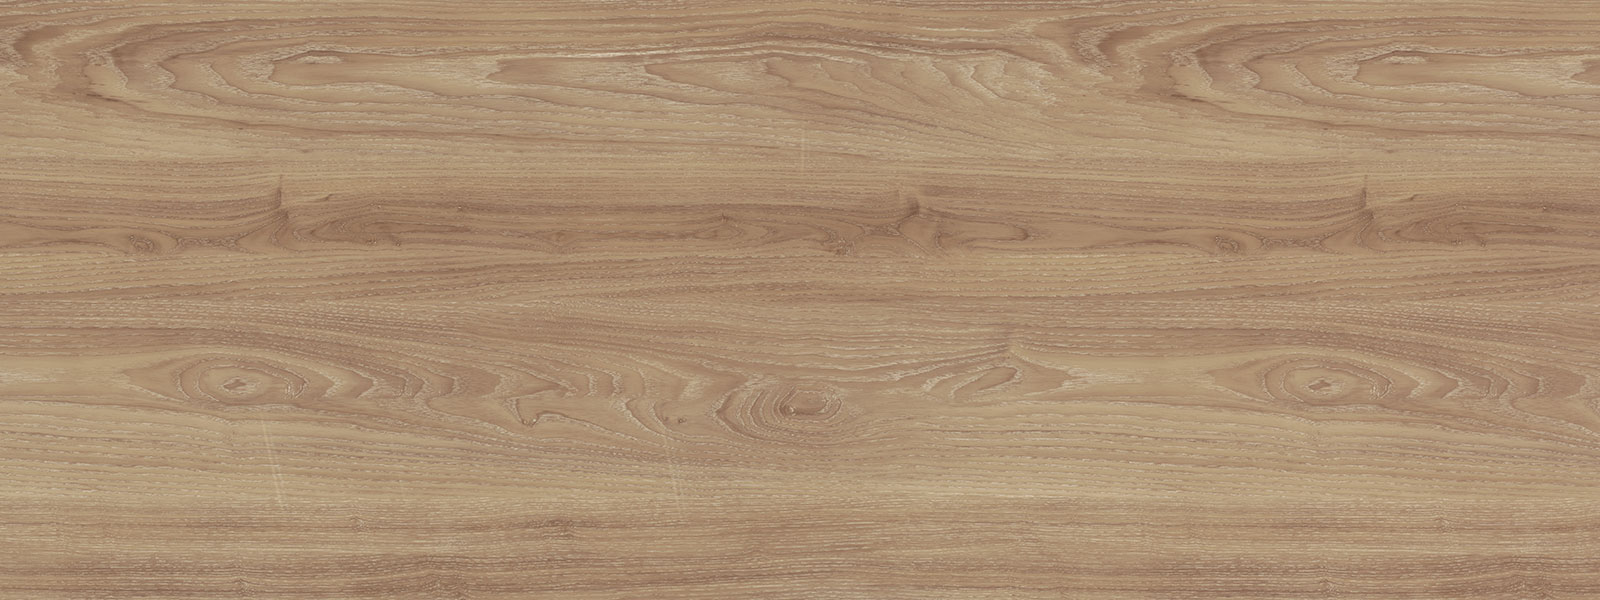 Aspen Oak Limed